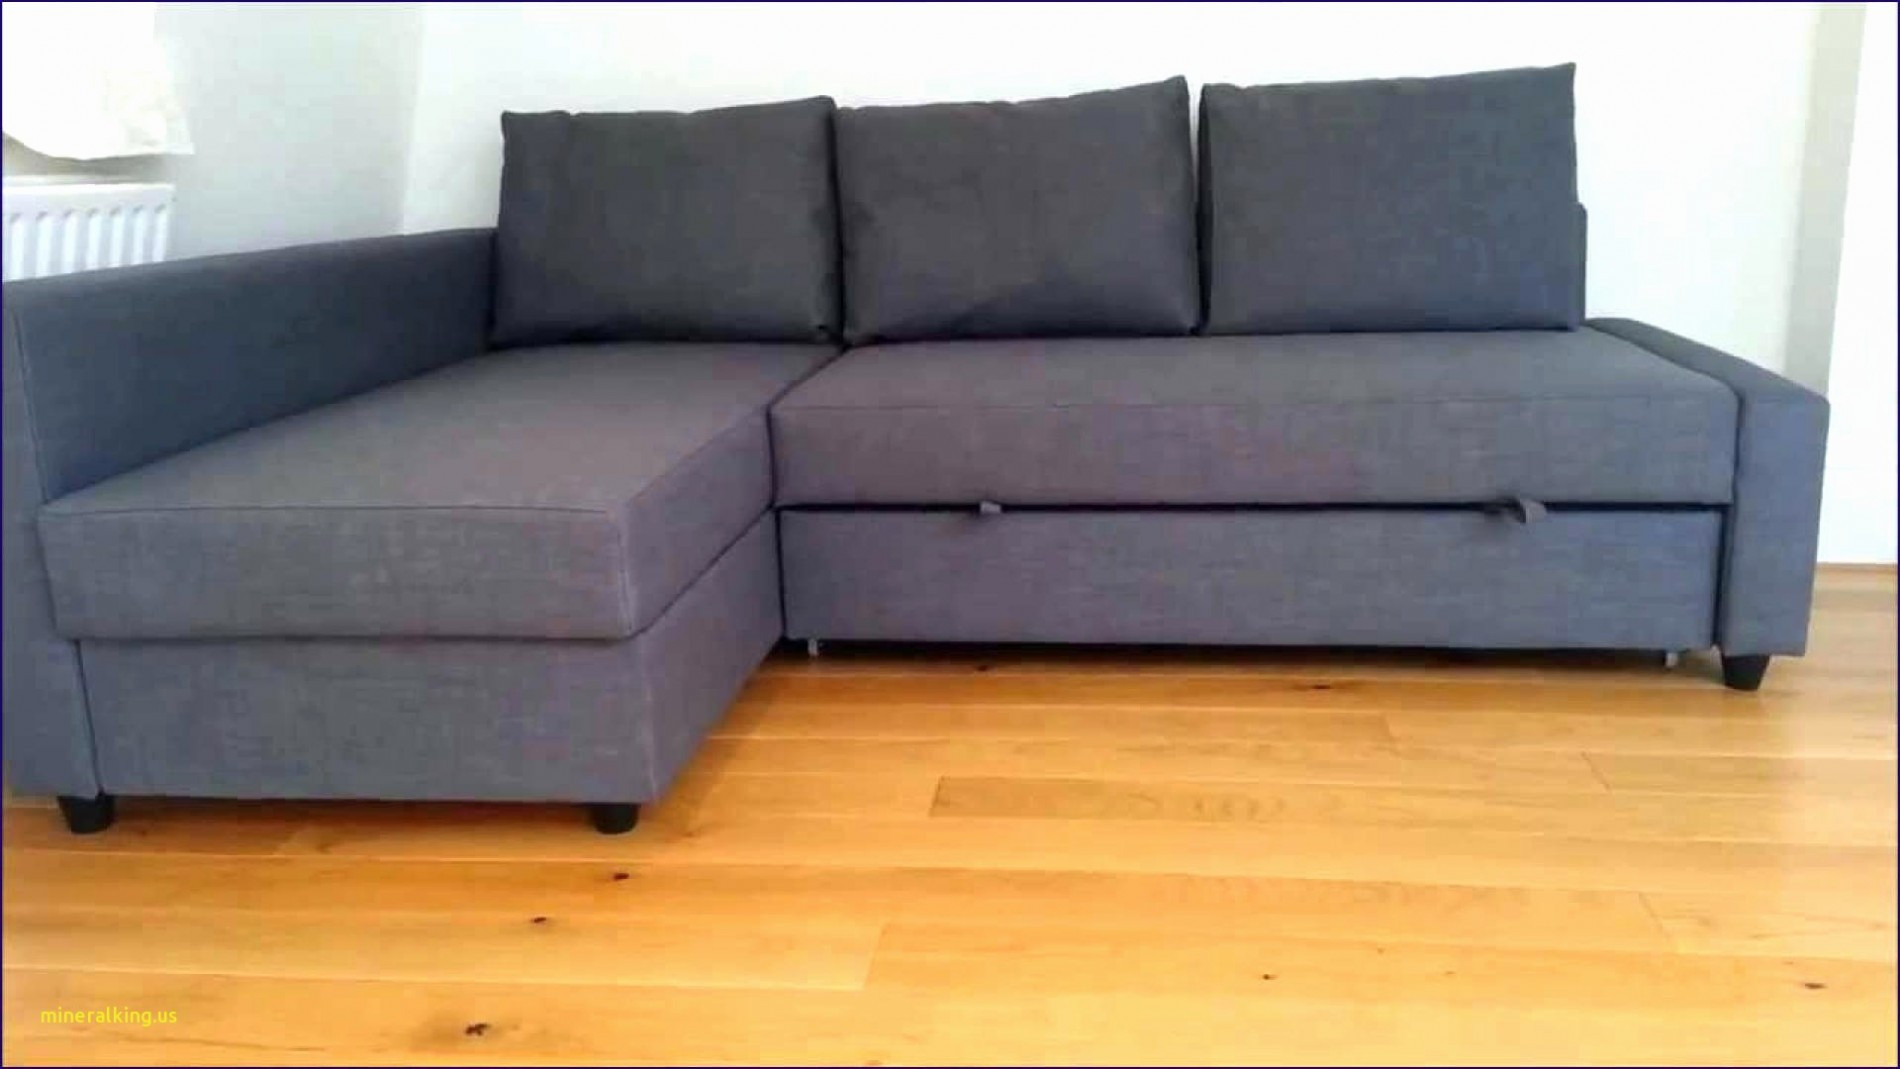 Housse Canapé Angle Ikea Frais Galerie La Charmant Choisir Un Canapé Conception  Perfectionner La G Te